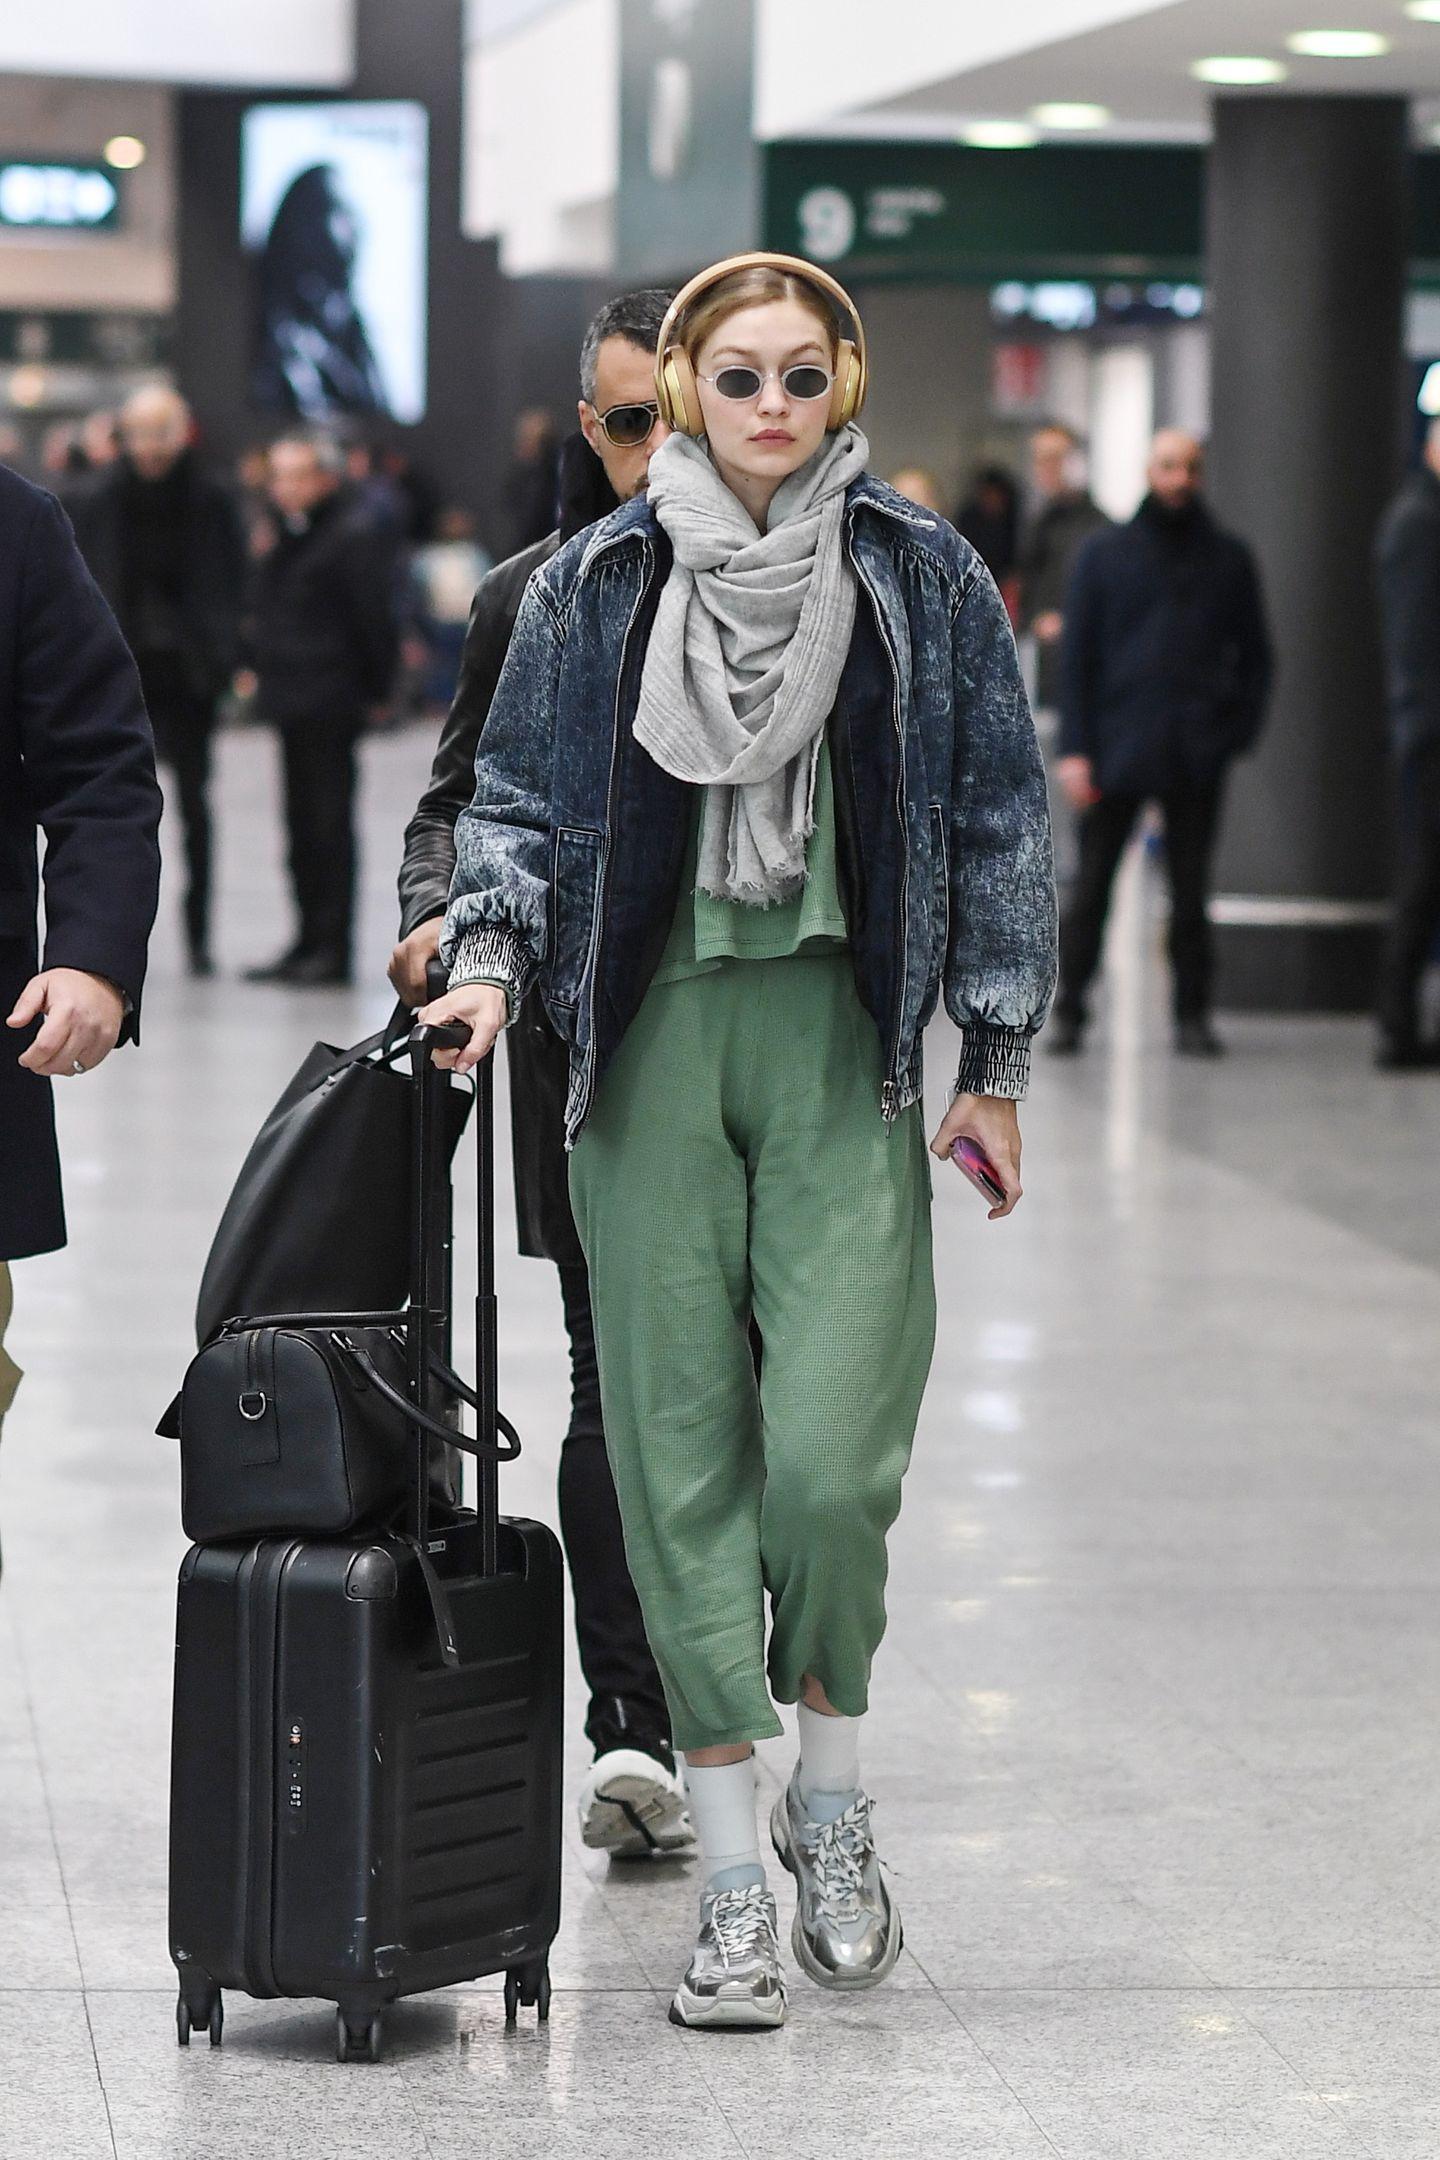 """Bequeme und weite Klamotten sind im Alltag von Gigi Hadid Mangelware: AlsModel präsentiert sie sich häufig in körperbetonten Roben oder in sexy Bademode. Doch auf Reisen kann die 23-Jährige ganz sie selbst sein und hüllt sich in einen weiten, grünen Zweiteiler. Dazu trägt sie eine XL-Jeansjacke im Vintage-Look und einen kuscheligen Schal. Dennoch ist dieser Lässig-Look kein Schnäppchen, denn allein die """"Extreme""""-Sneaker von Ash liegen bereits bei 235 Euro."""